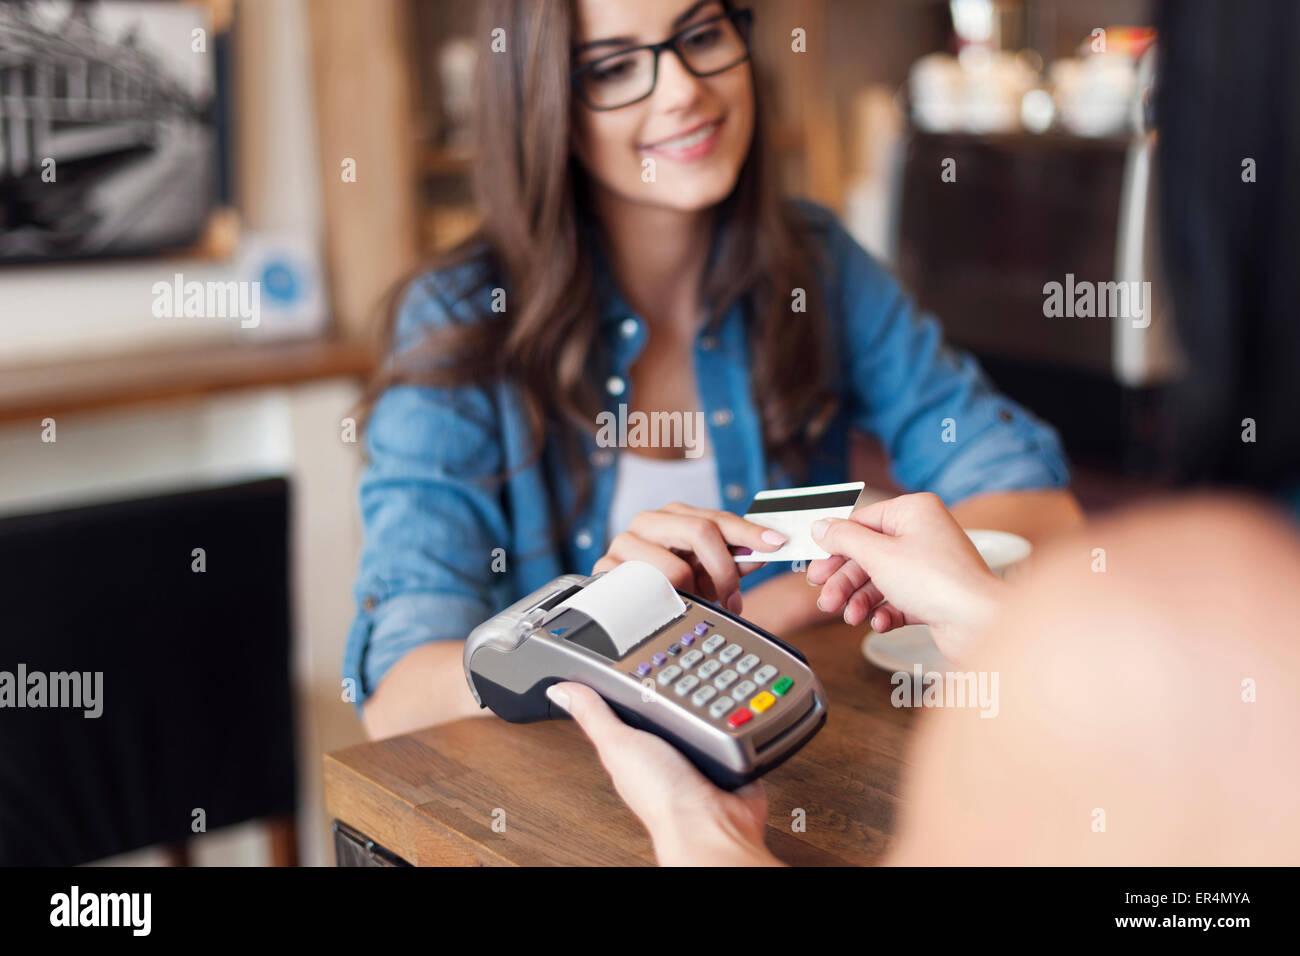 Donna sorridente pagando per un caffè con carta di credito. Cracovia in Polonia Immagini Stock